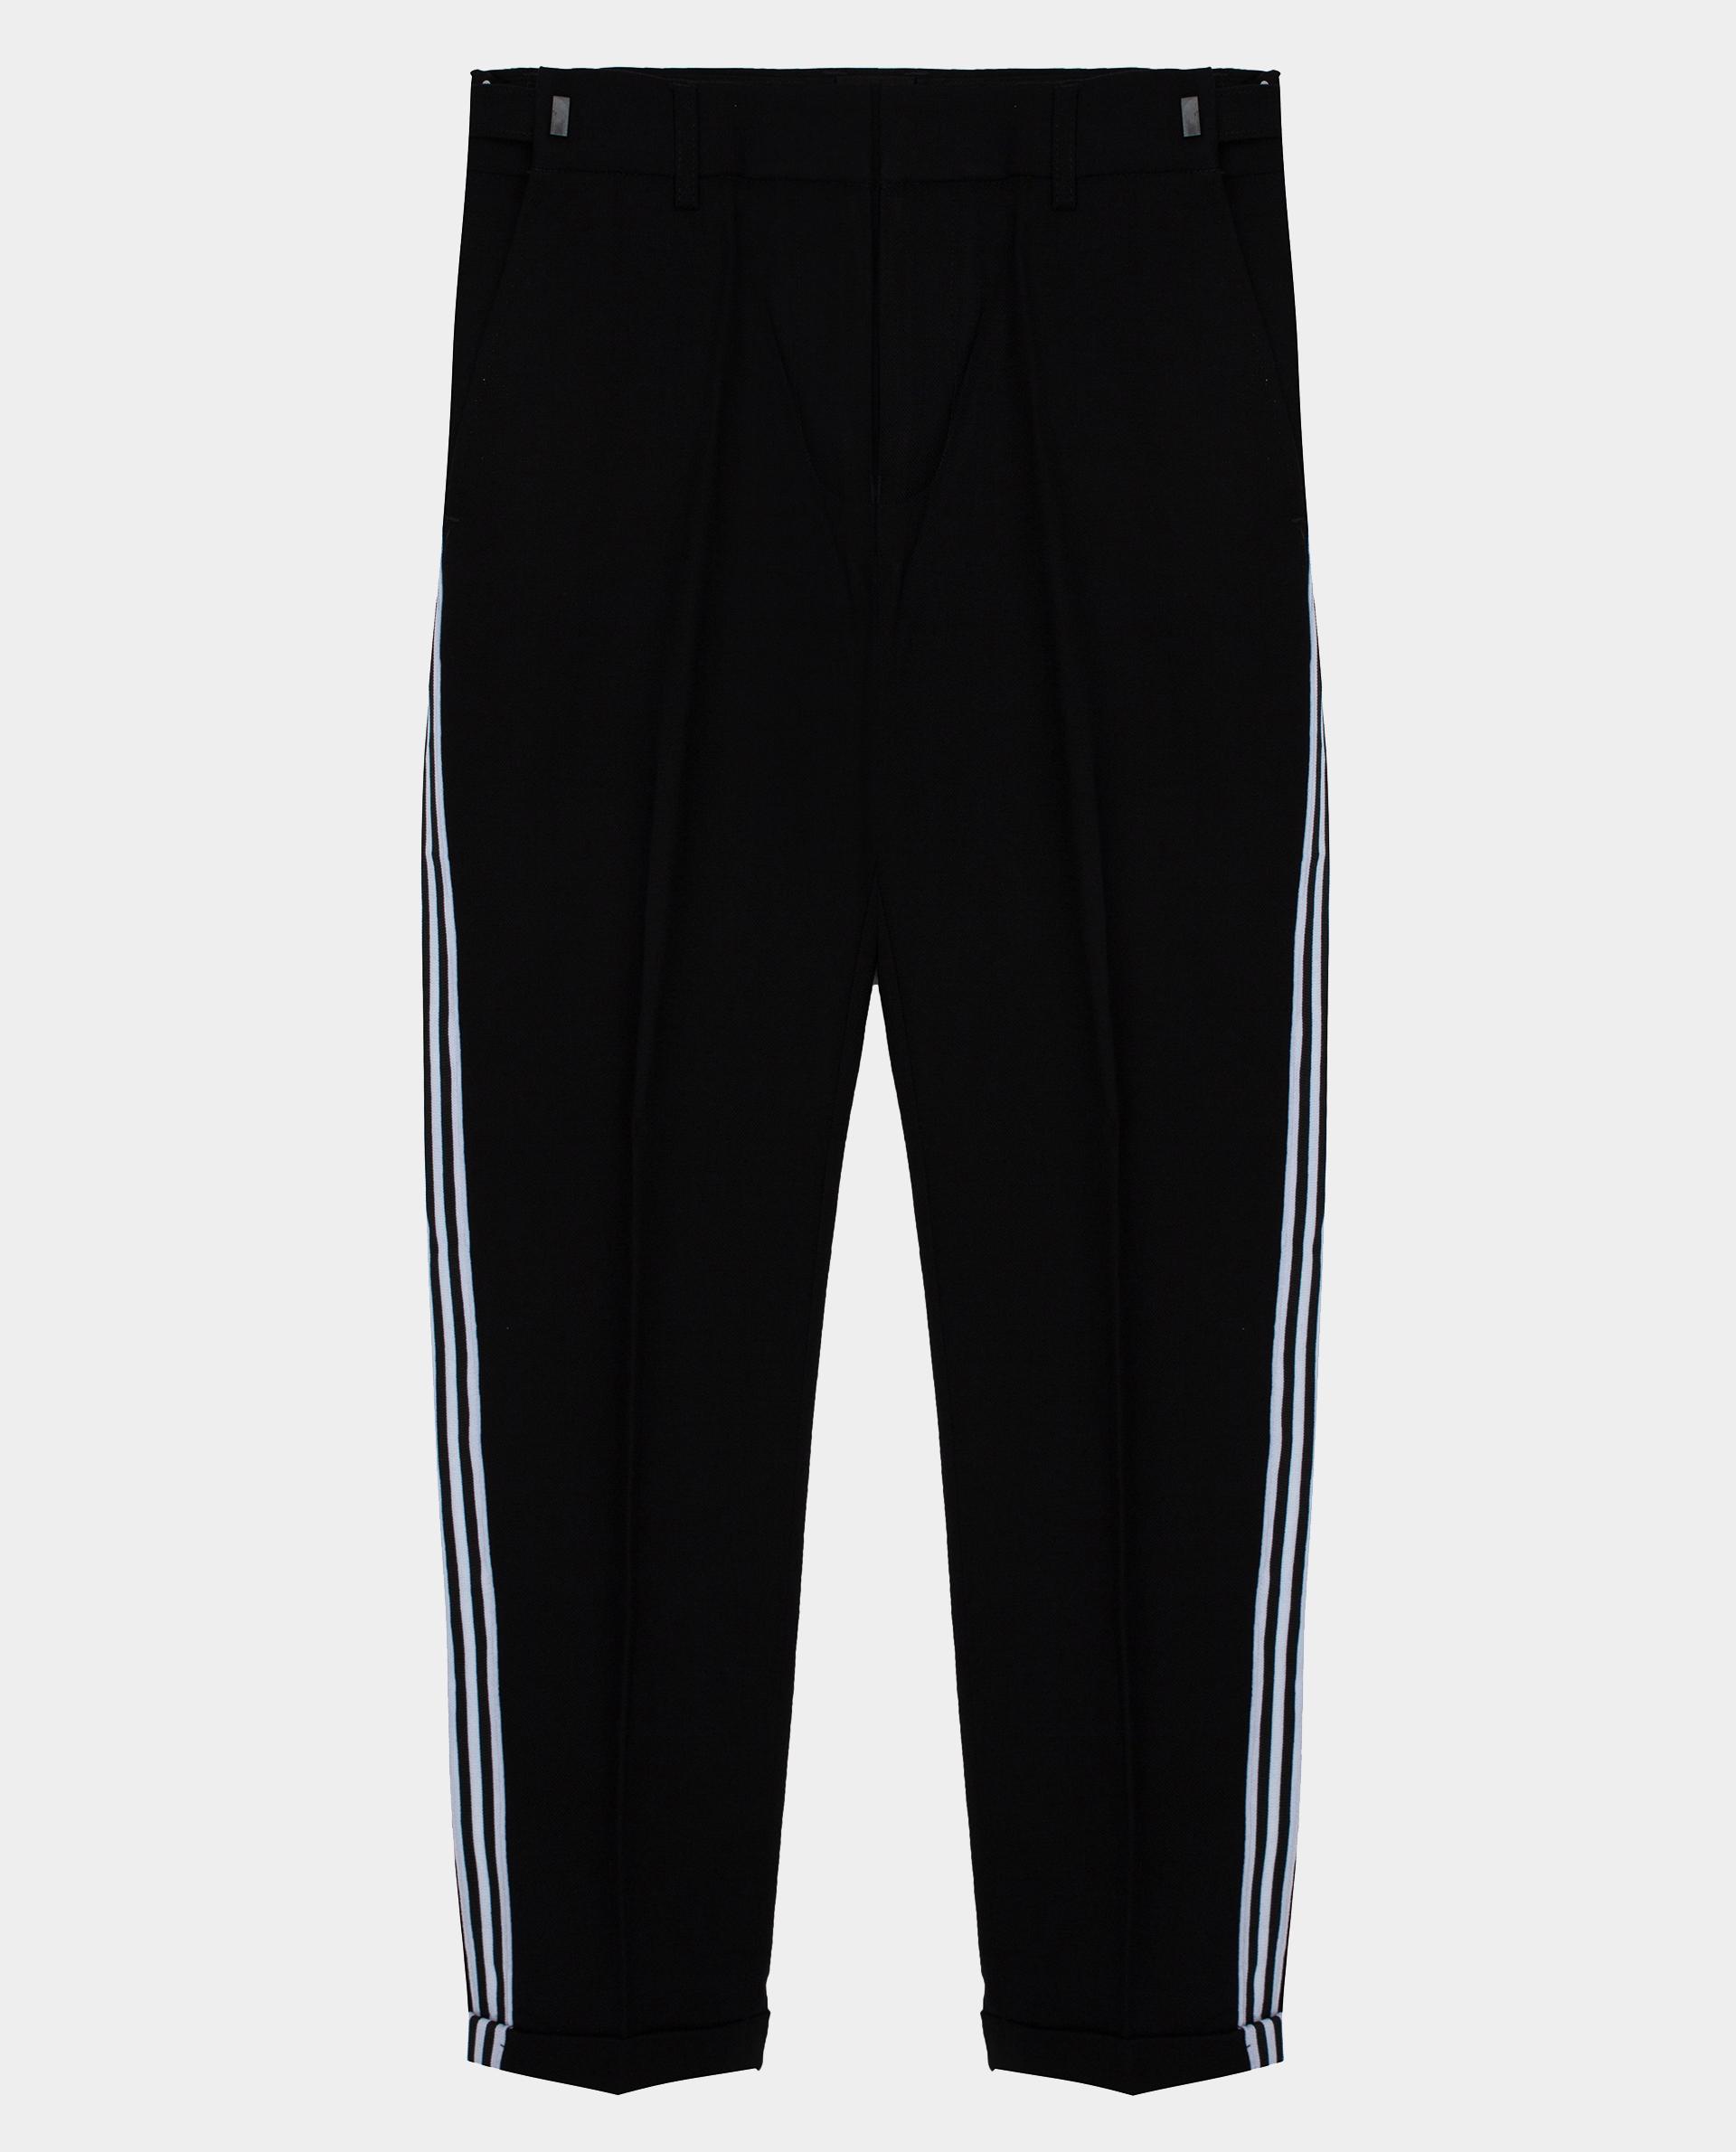 Купить 220GPBJC6301, Черные брюки Gulliver, черный, 140, Вискоза, Мужской, ОСЕНЬ/ЗИМА 2020-2021 (shop: GulliverMarket Gulliver Market)